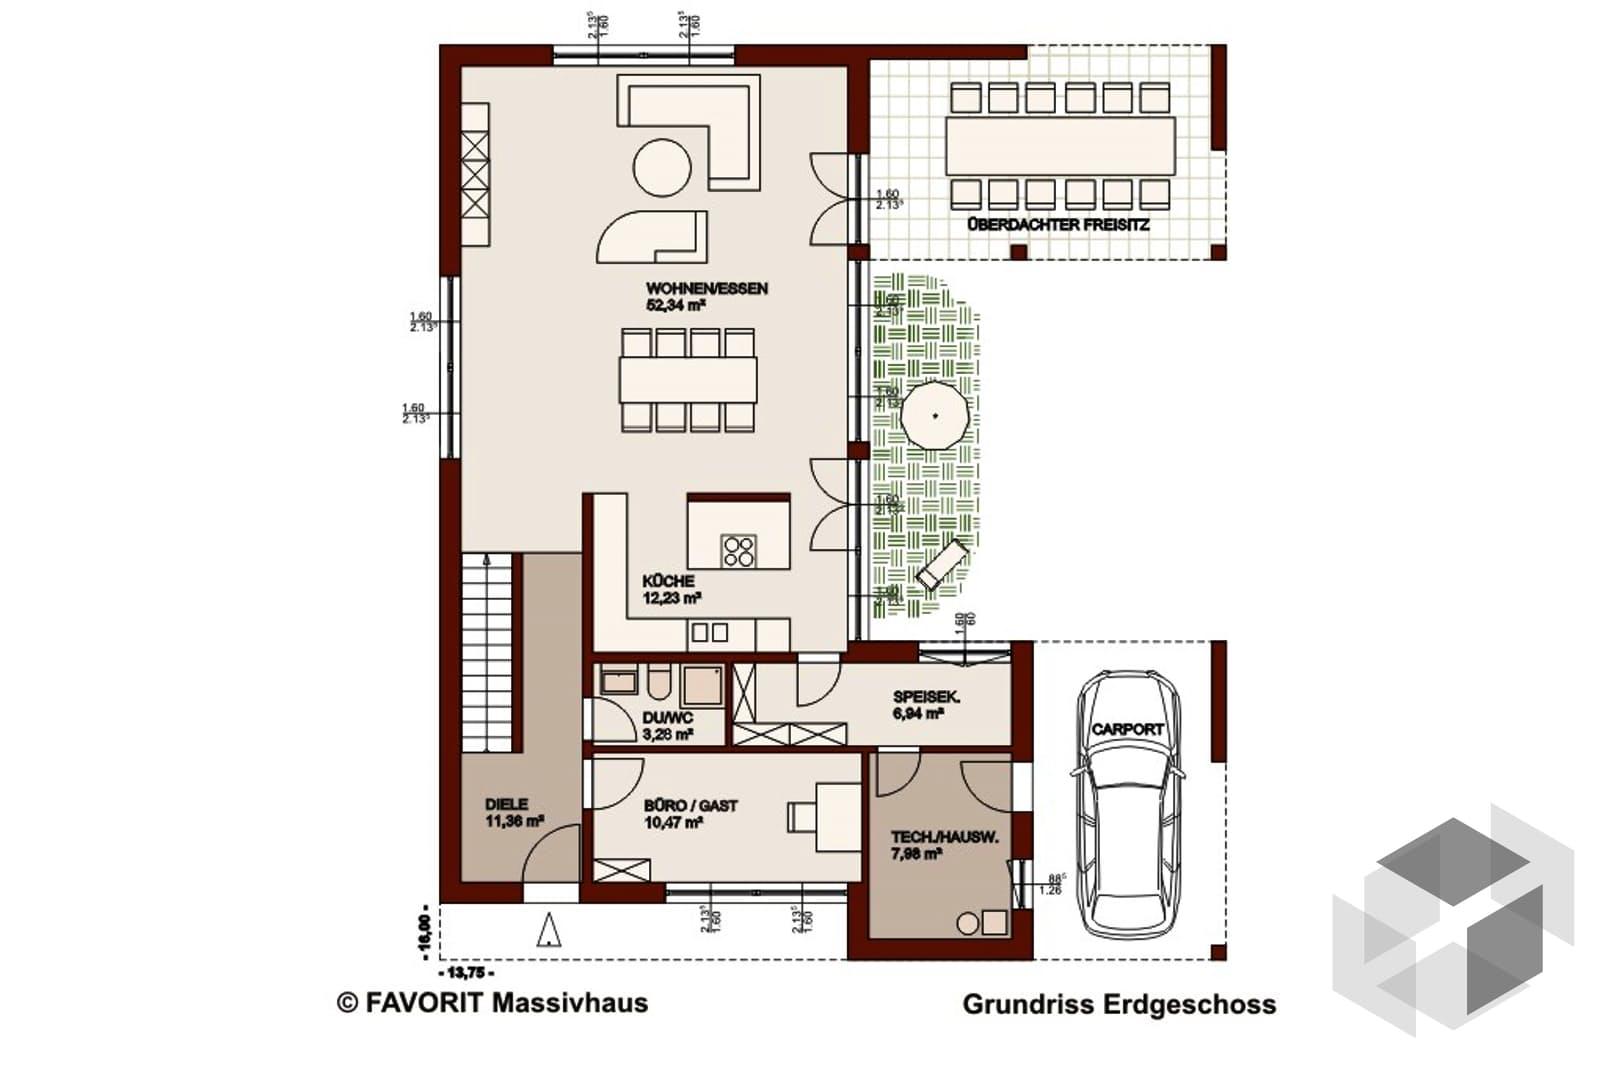 concept design 198 von favorit massivhaus komplette daten bersicht. Black Bedroom Furniture Sets. Home Design Ideas